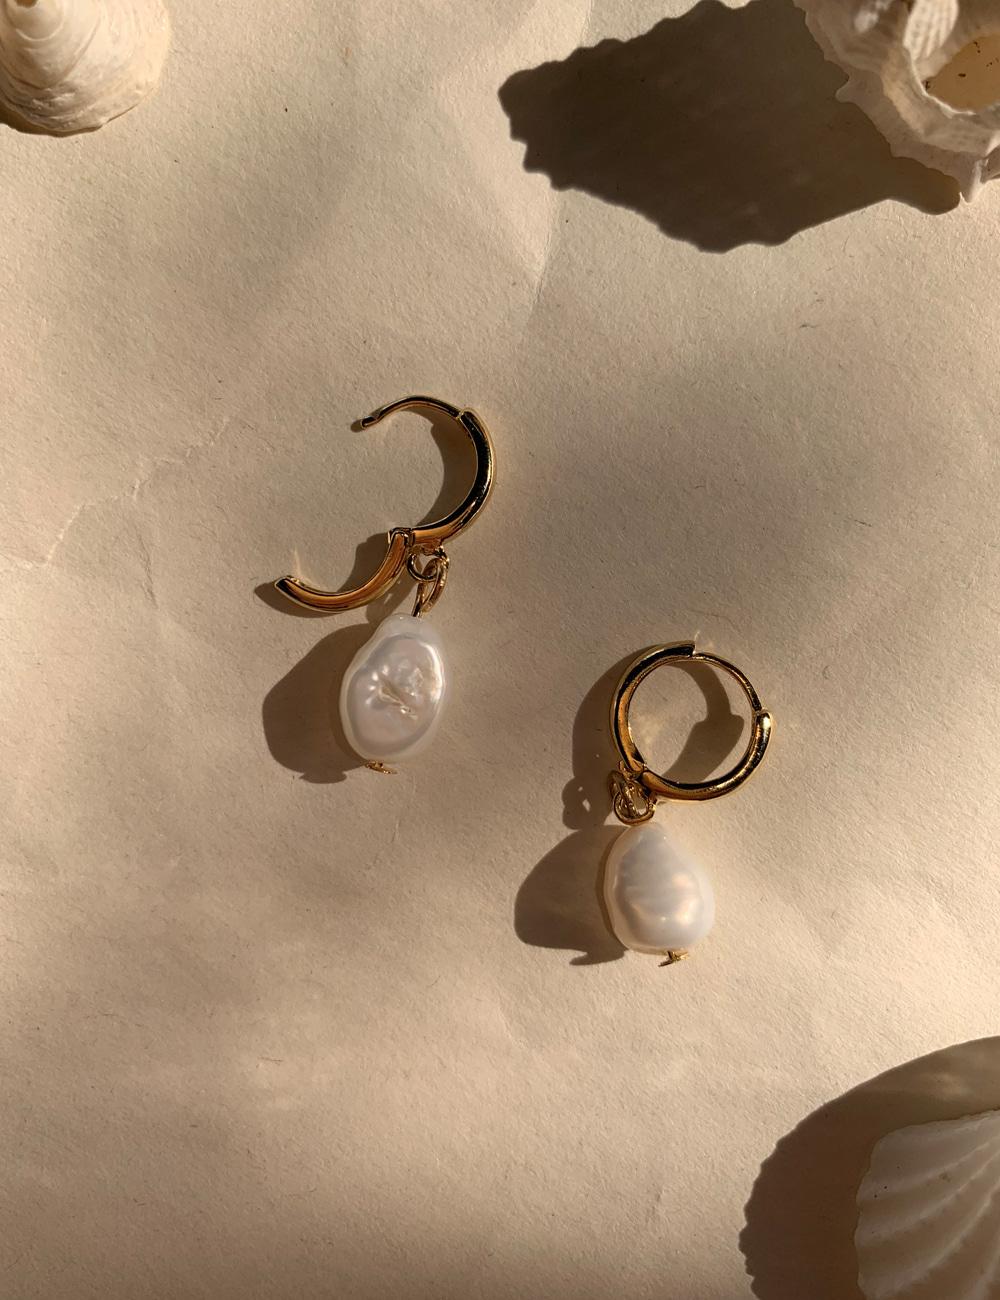 Lona 925silver Mini Pearl Earrings _ 원터치 미니 담수진주 귀걸이 라비쉬에